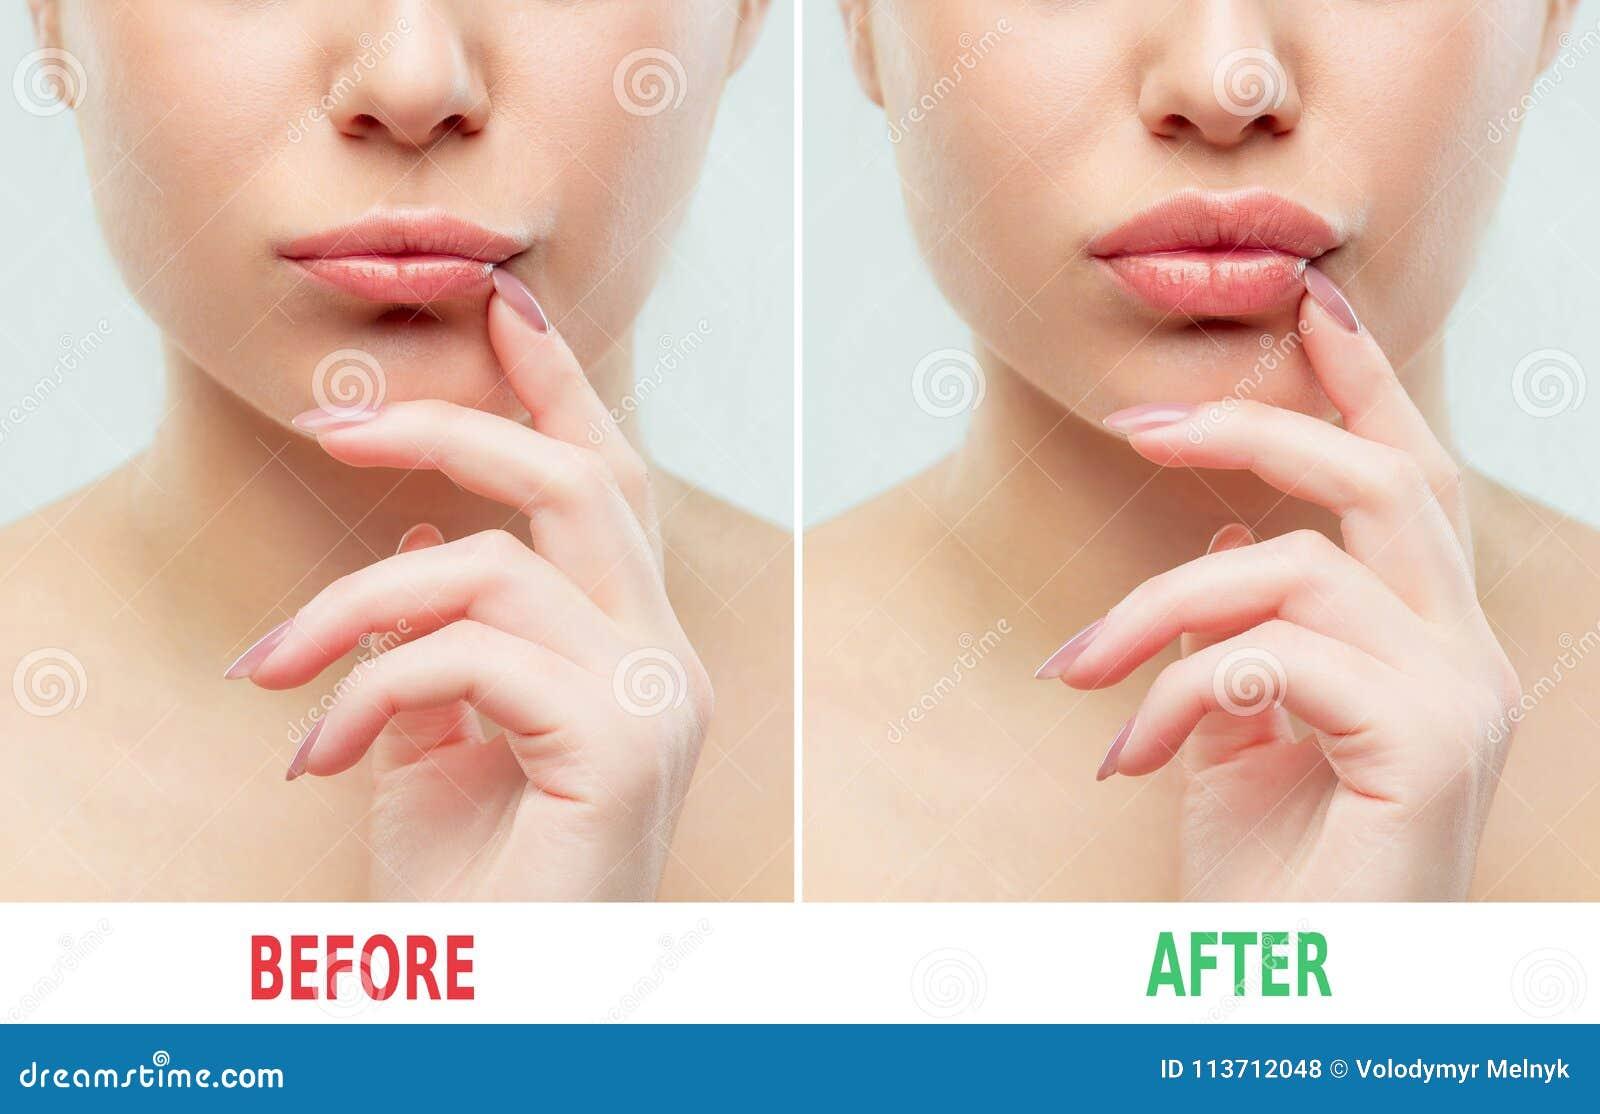 Före och efter kantutfyllnadsgodsinjektioner Skönhetplast- Härliga perfekta kanter med naturlig makeup